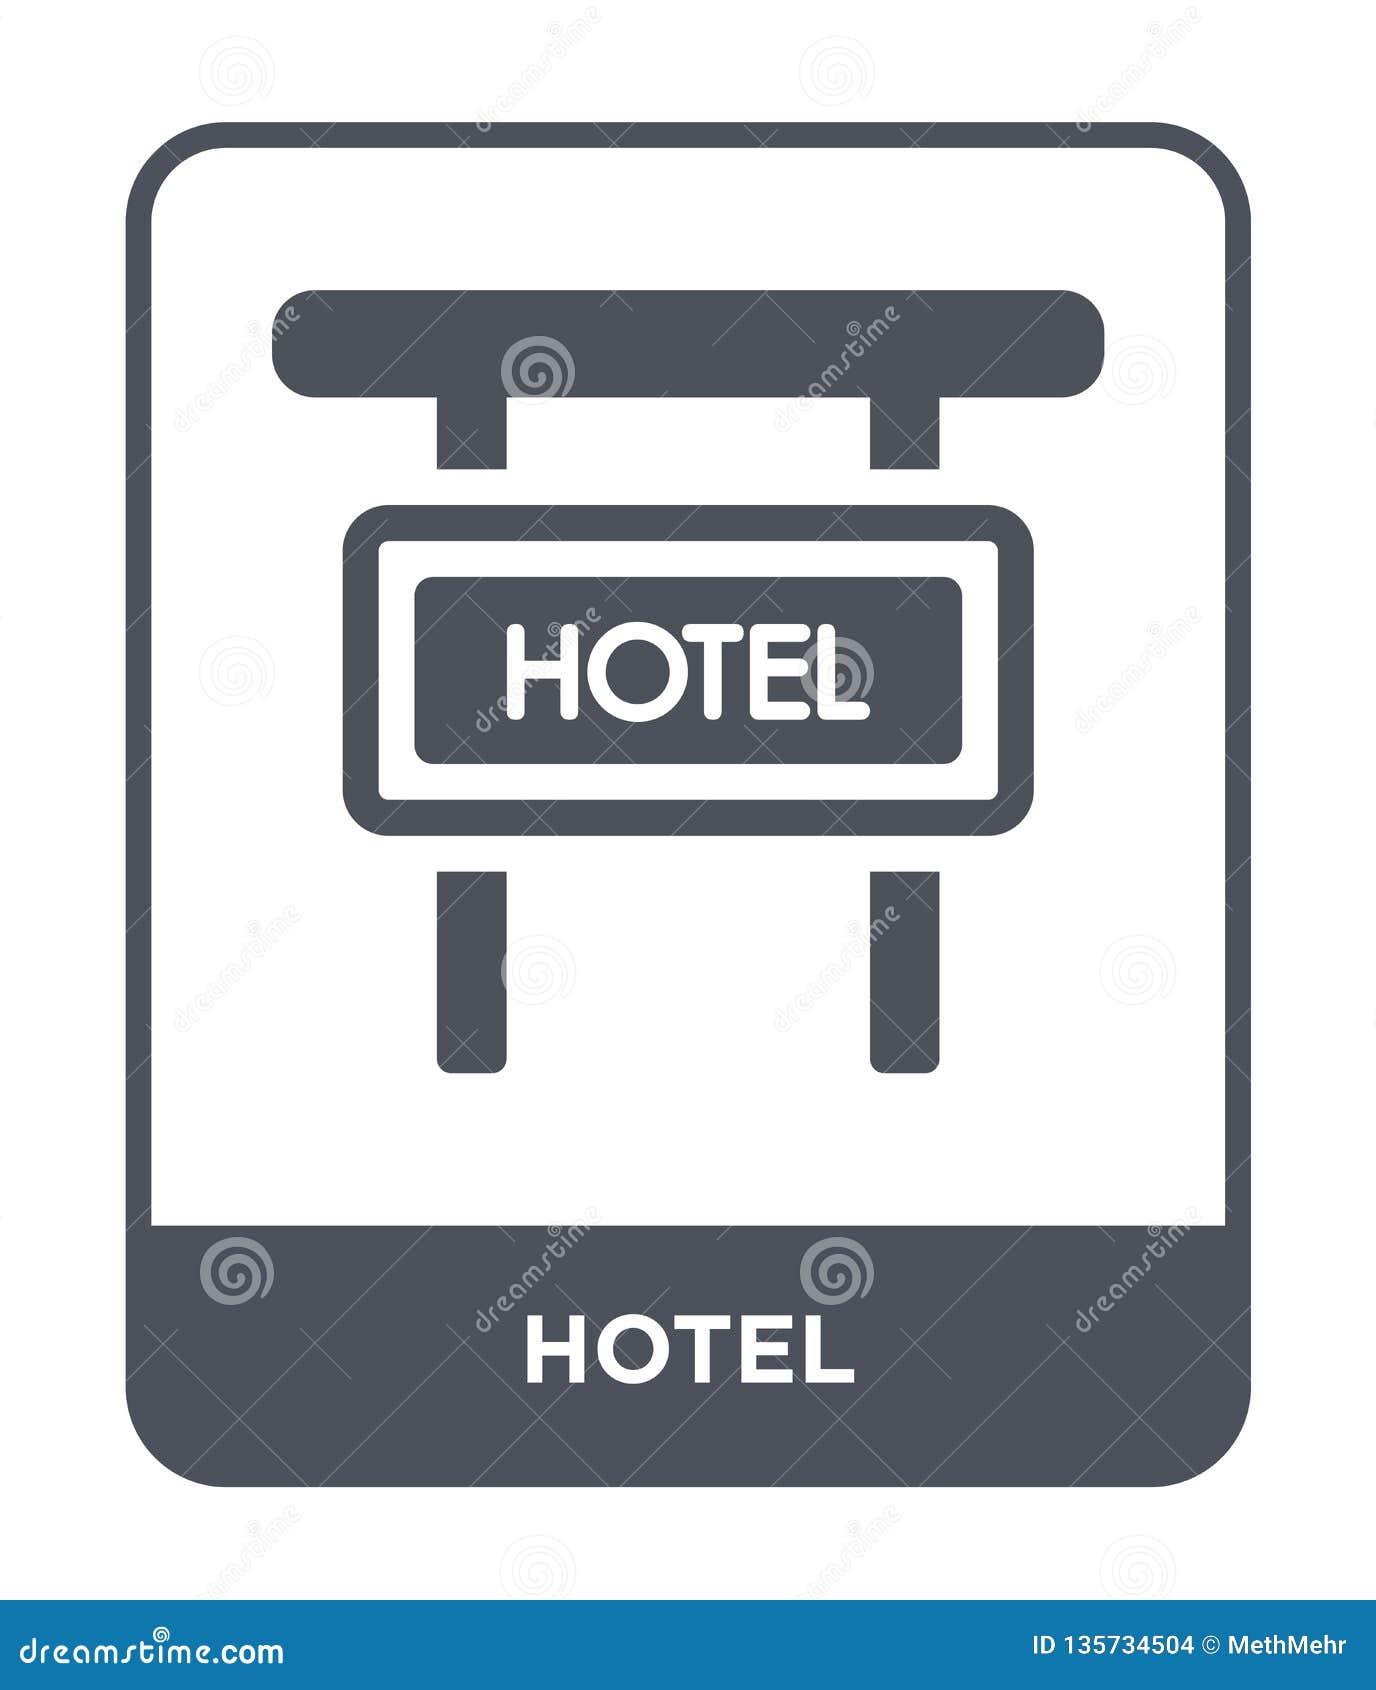 Icono del hotel en estilo de moda del diseño Icono del hotel aislado en el fondo blanco símbolo plano simple y moderno del icono